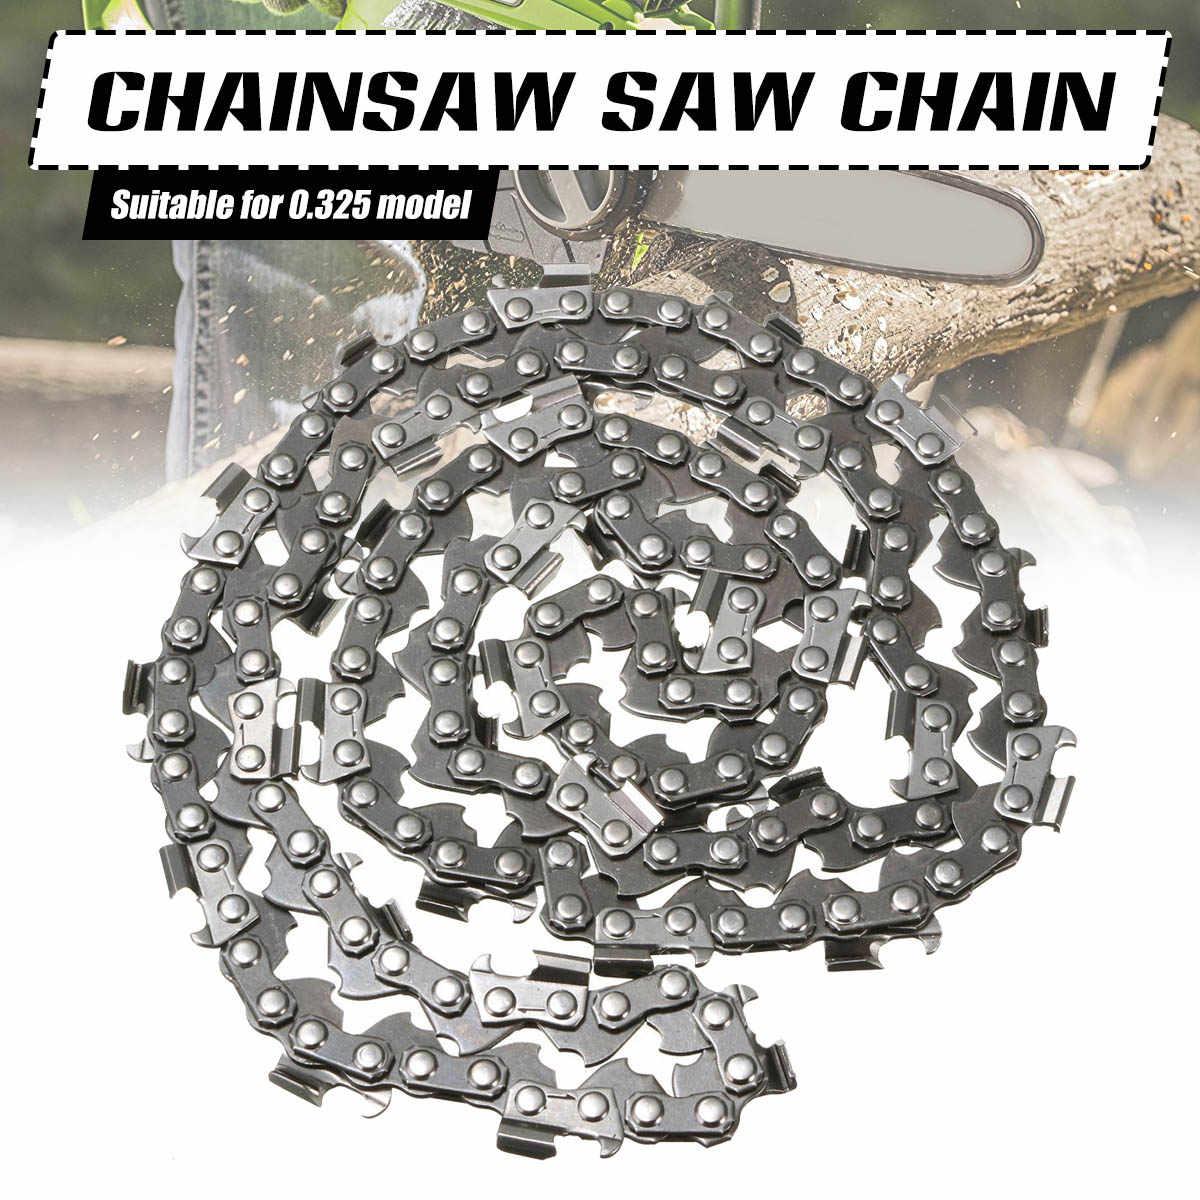 20 Inch 76 Drive Link Rantai Gergaji Mesin Mata Pisau Pemotong Kayu Gergaji Bagian Pabrik Gergaji Mesin Chain untuk Memotong Lumbering